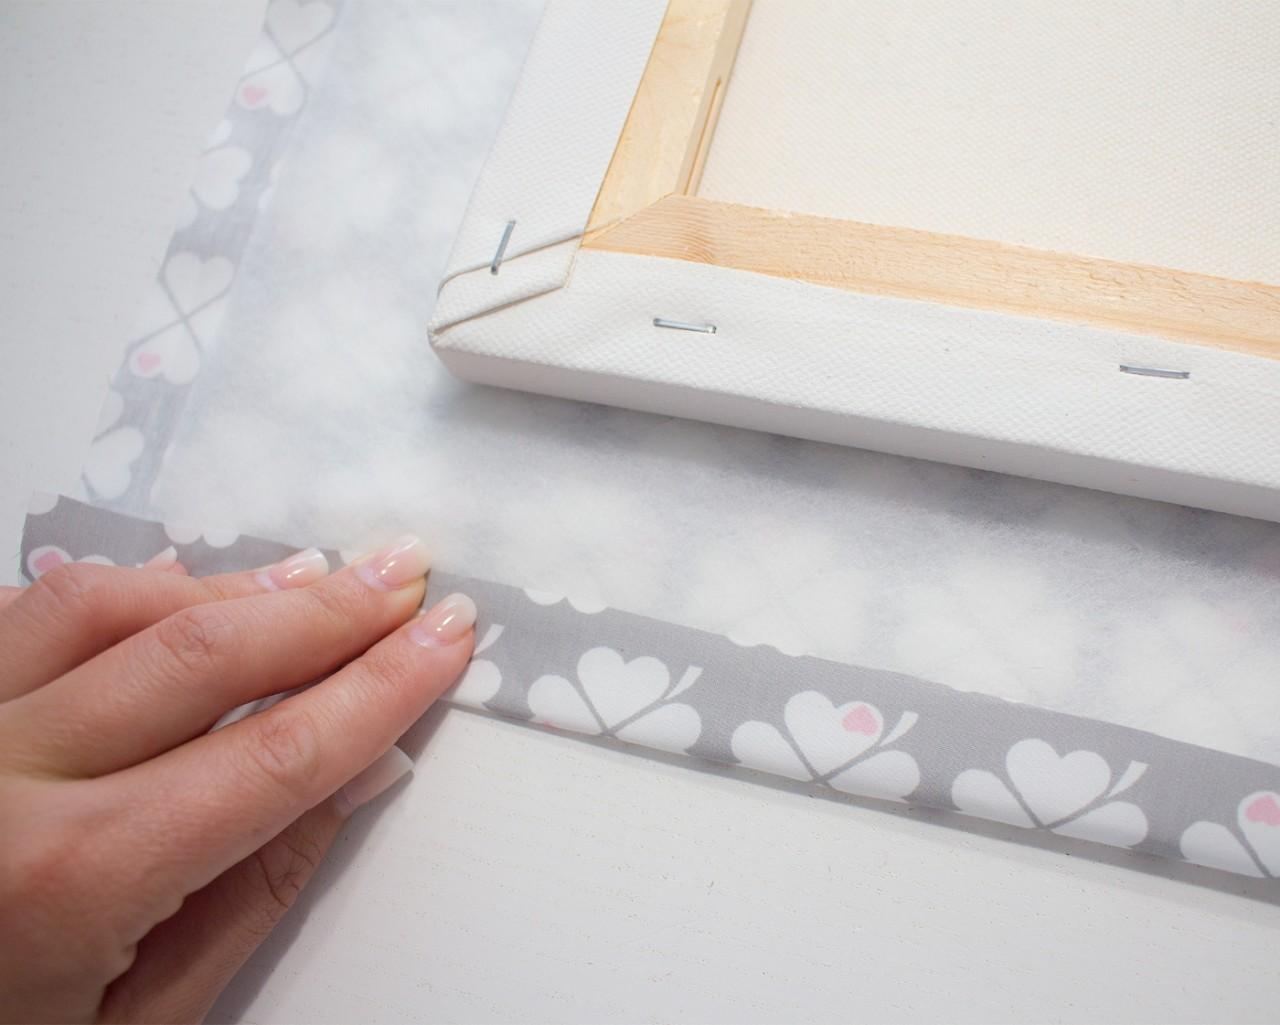 Bastel dir ein Memoboard mit deinem byGraziela Lieblingsstoff - kostenlose Anleitung. Super einfach gemacht.